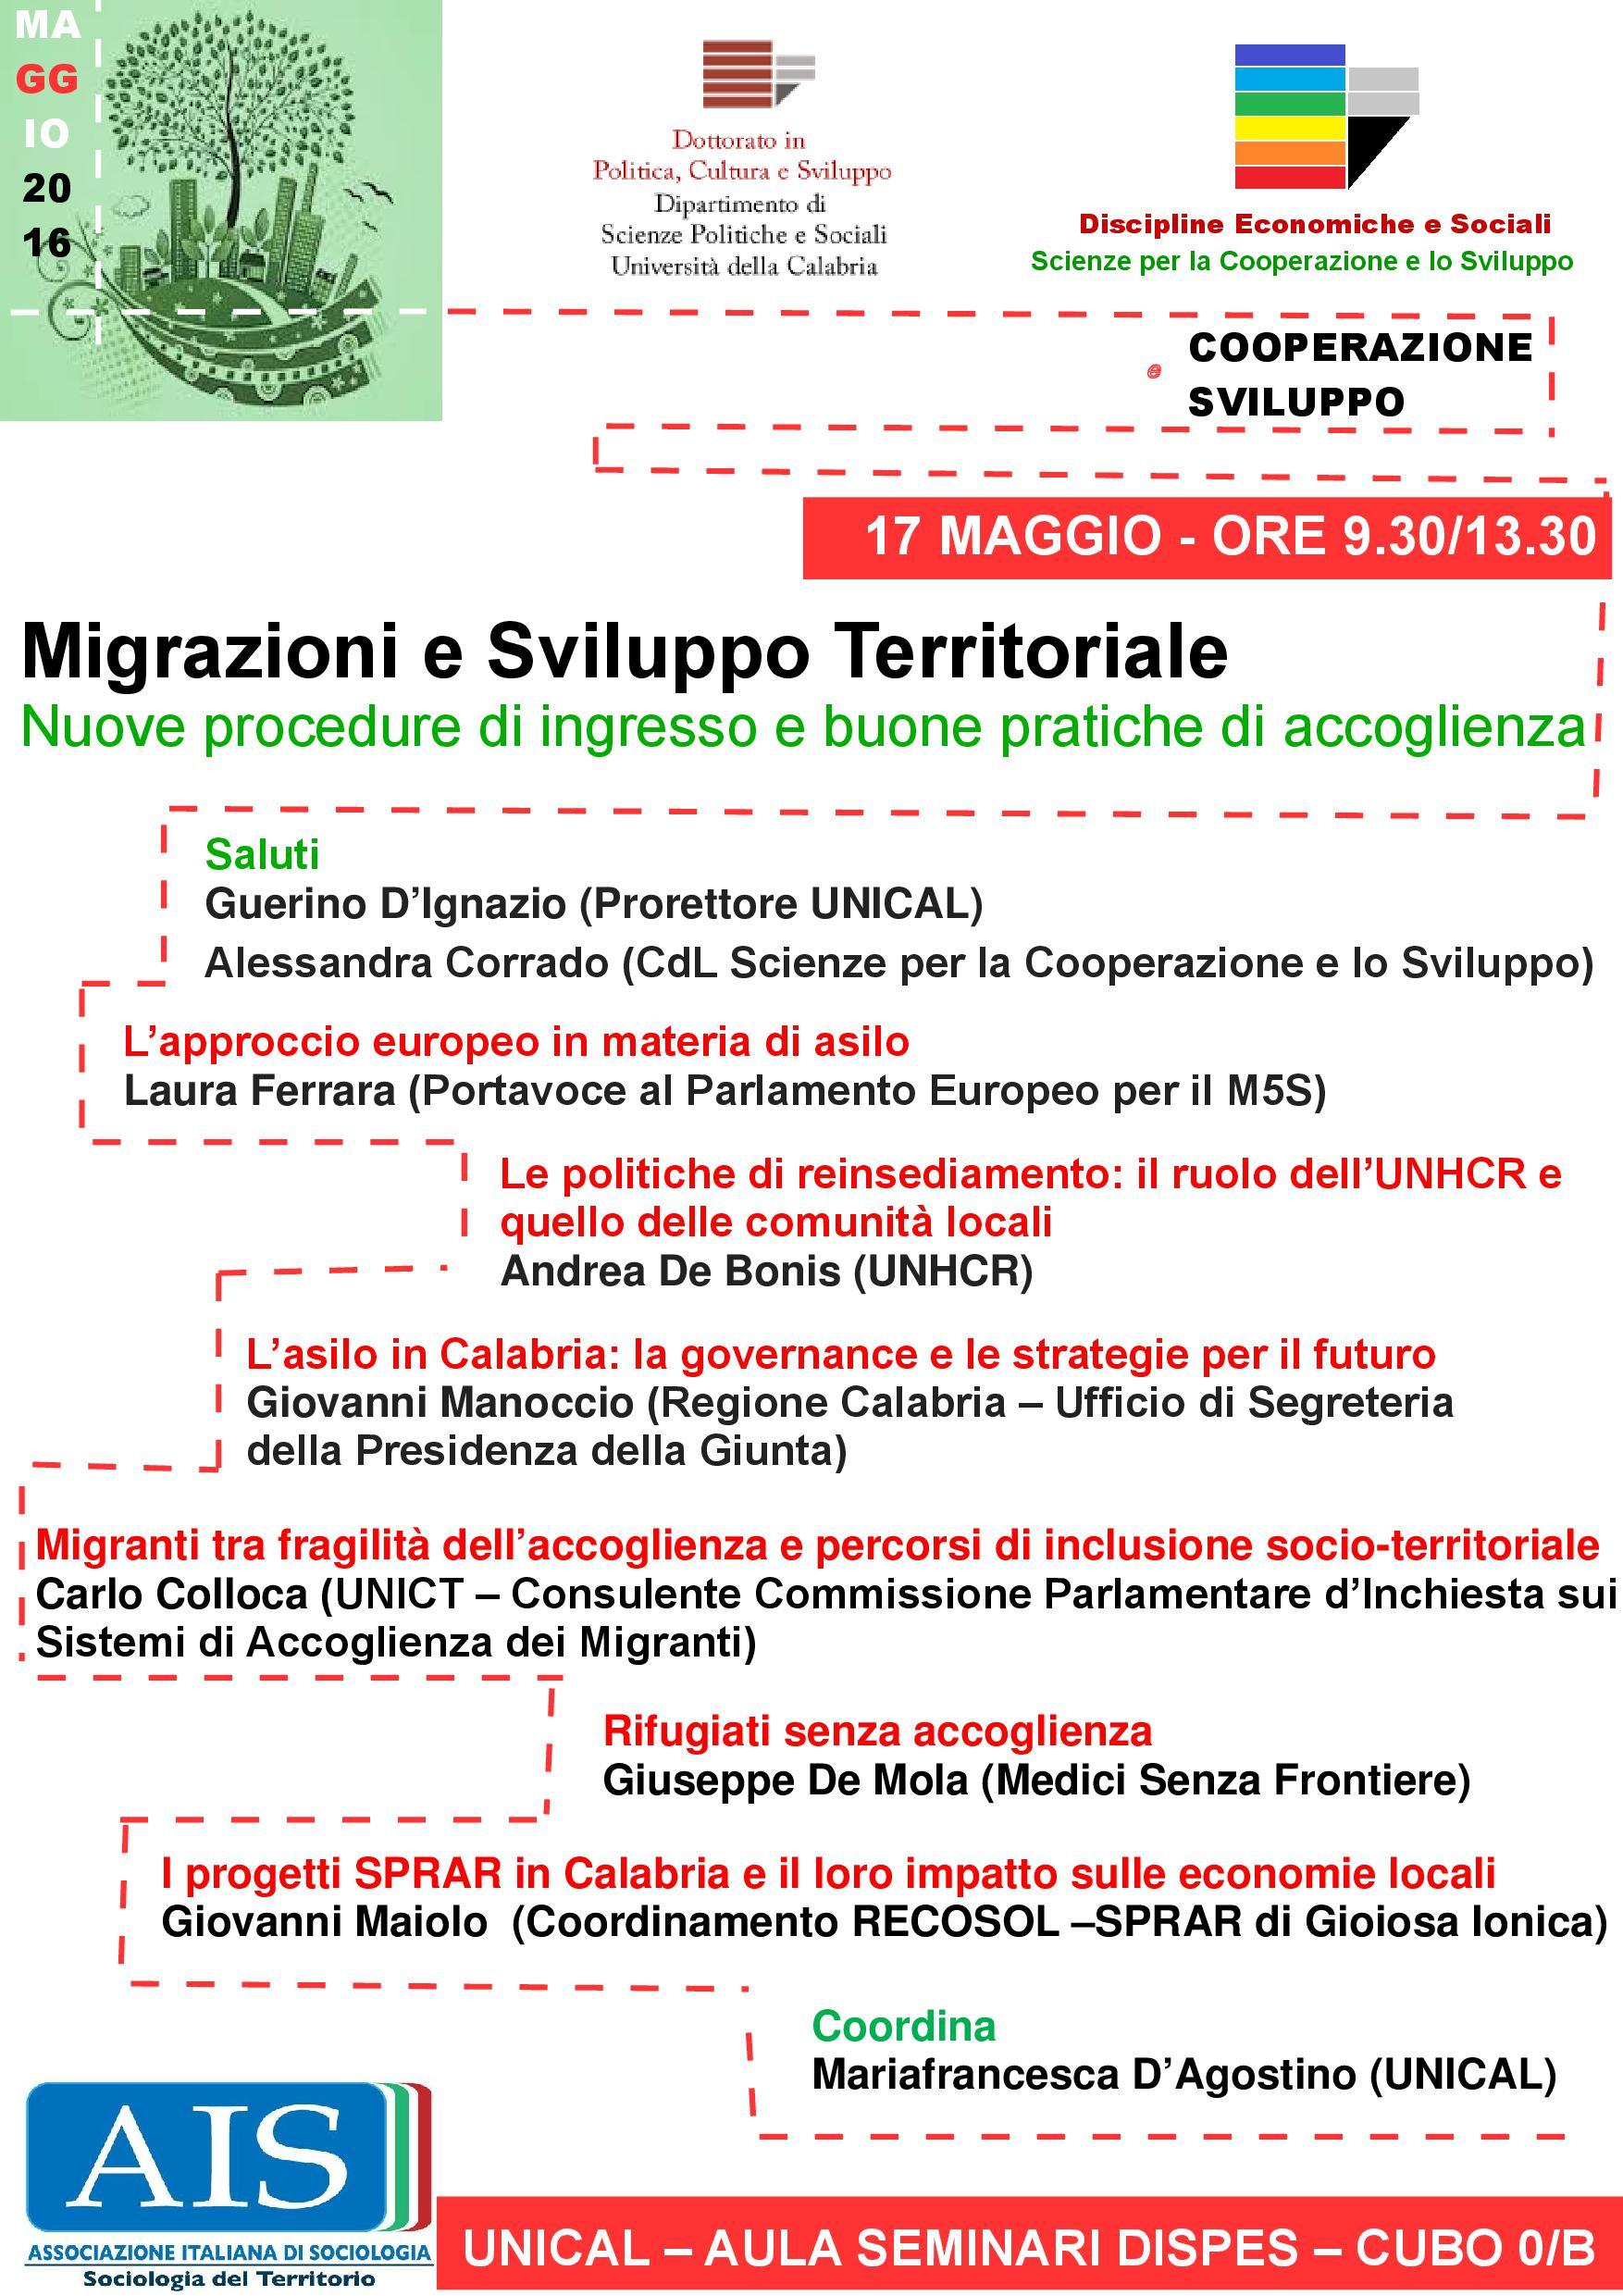 17 maggio Migrazioni e sviluppo territoriale-001